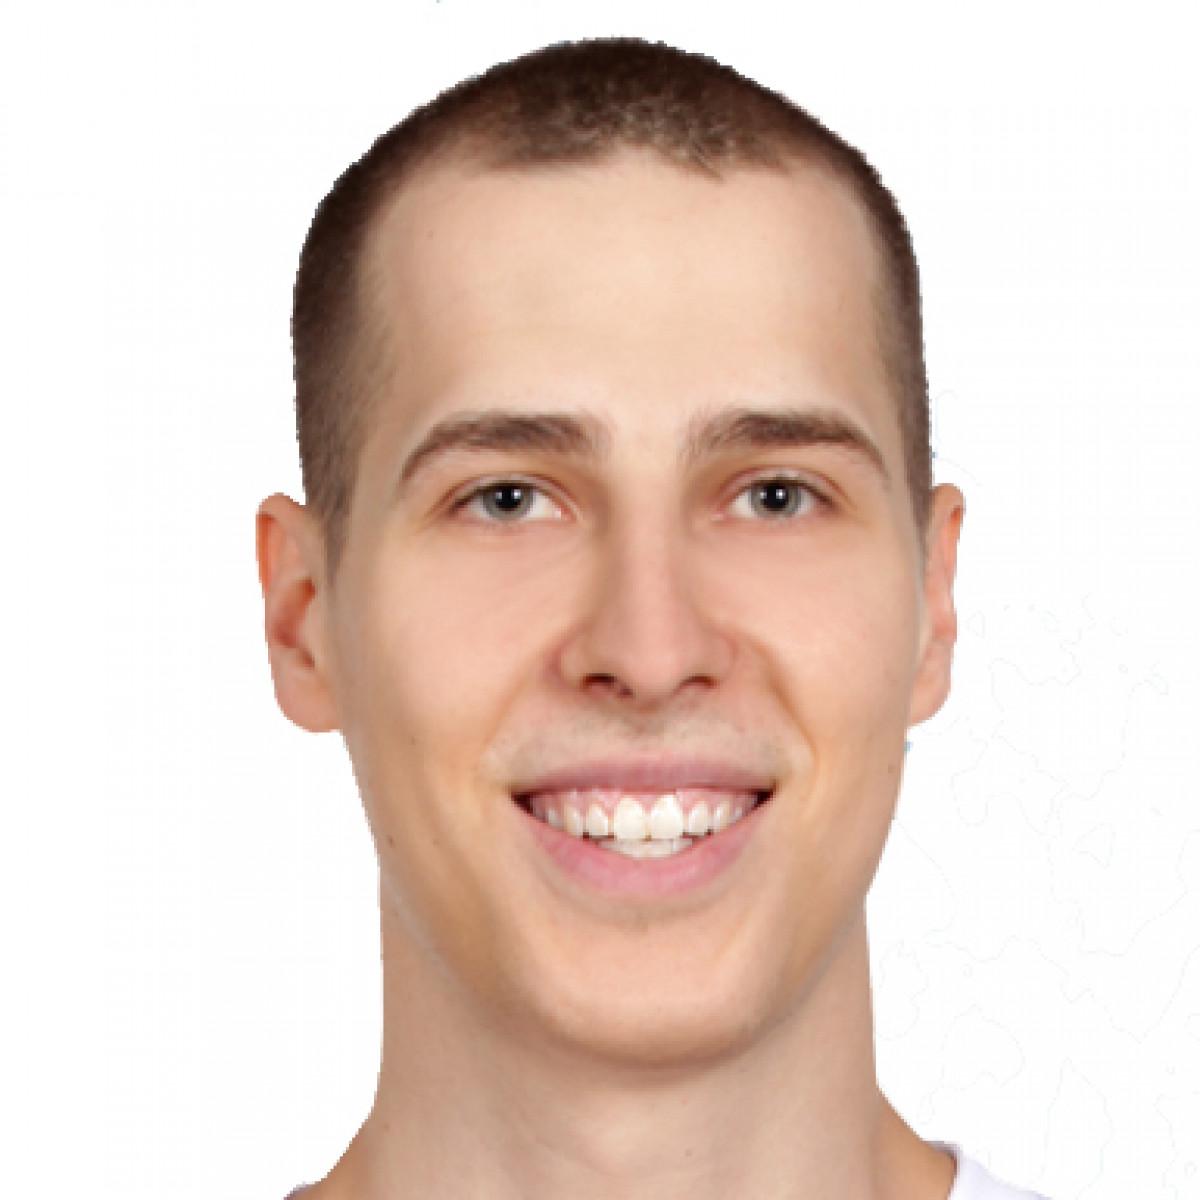 Michal Kolodziej